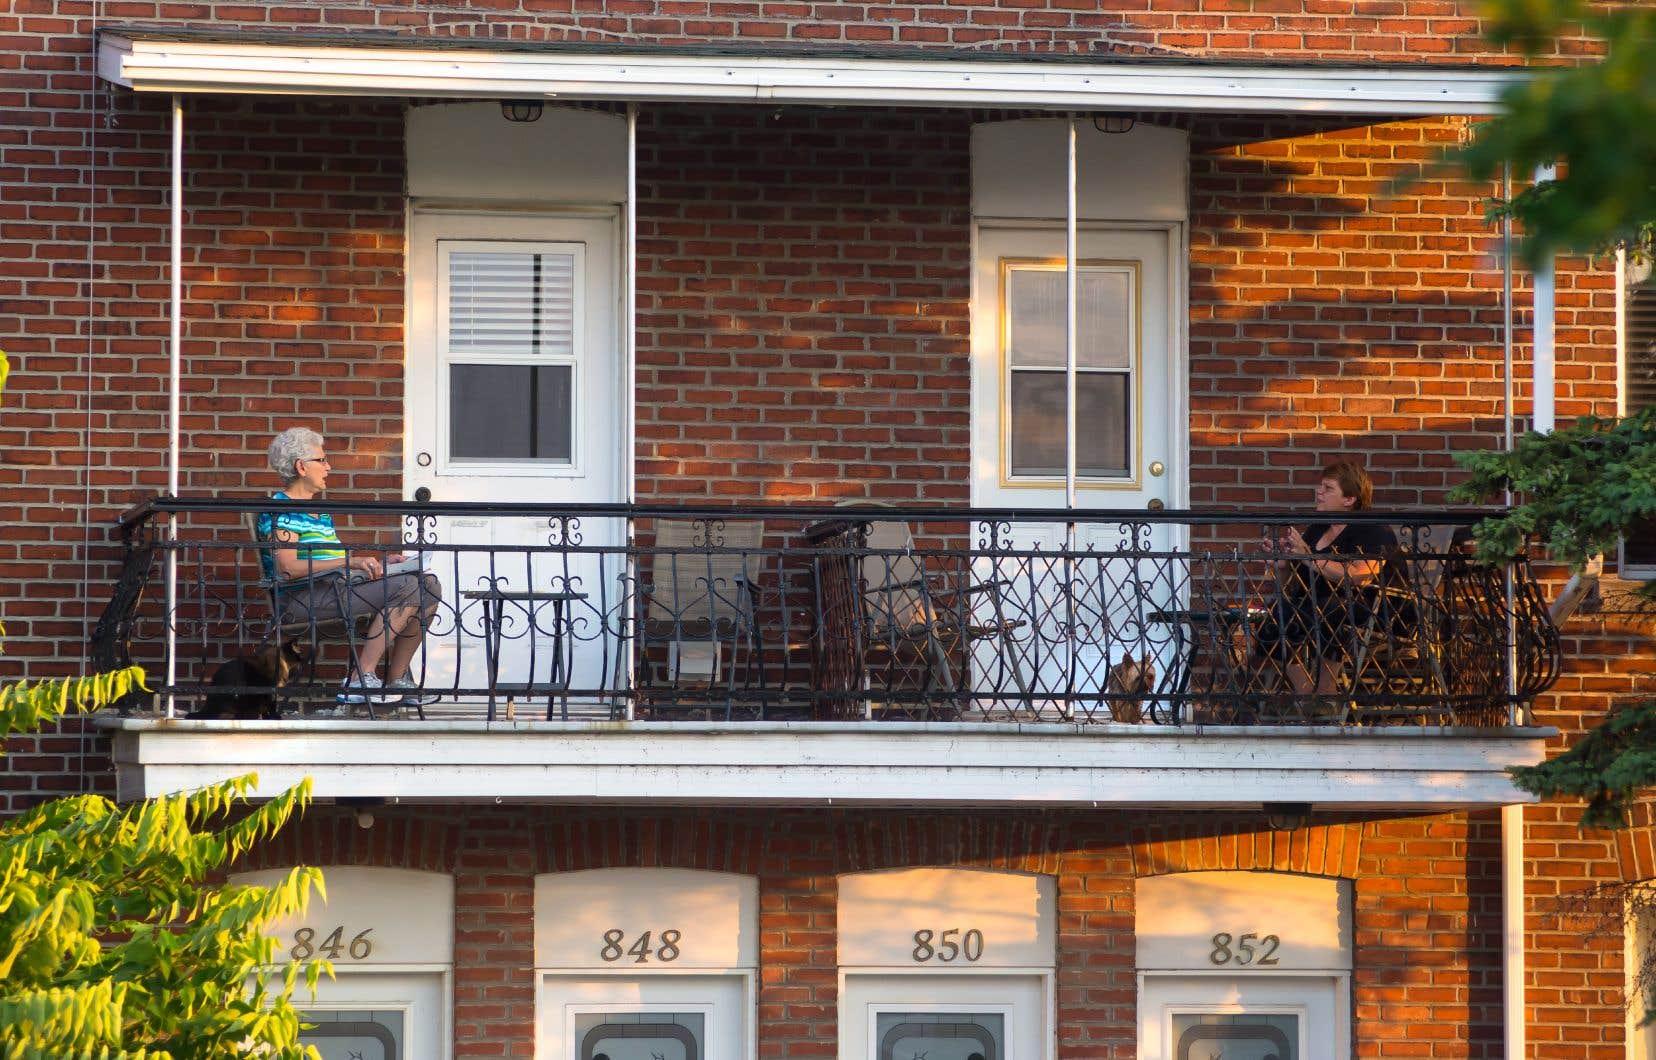 «Les propriétaires occupants accordent généralement beaucoup plus d'importance aux locataires, puisqu'ils sont également voisins», fait valoir l'auteur.